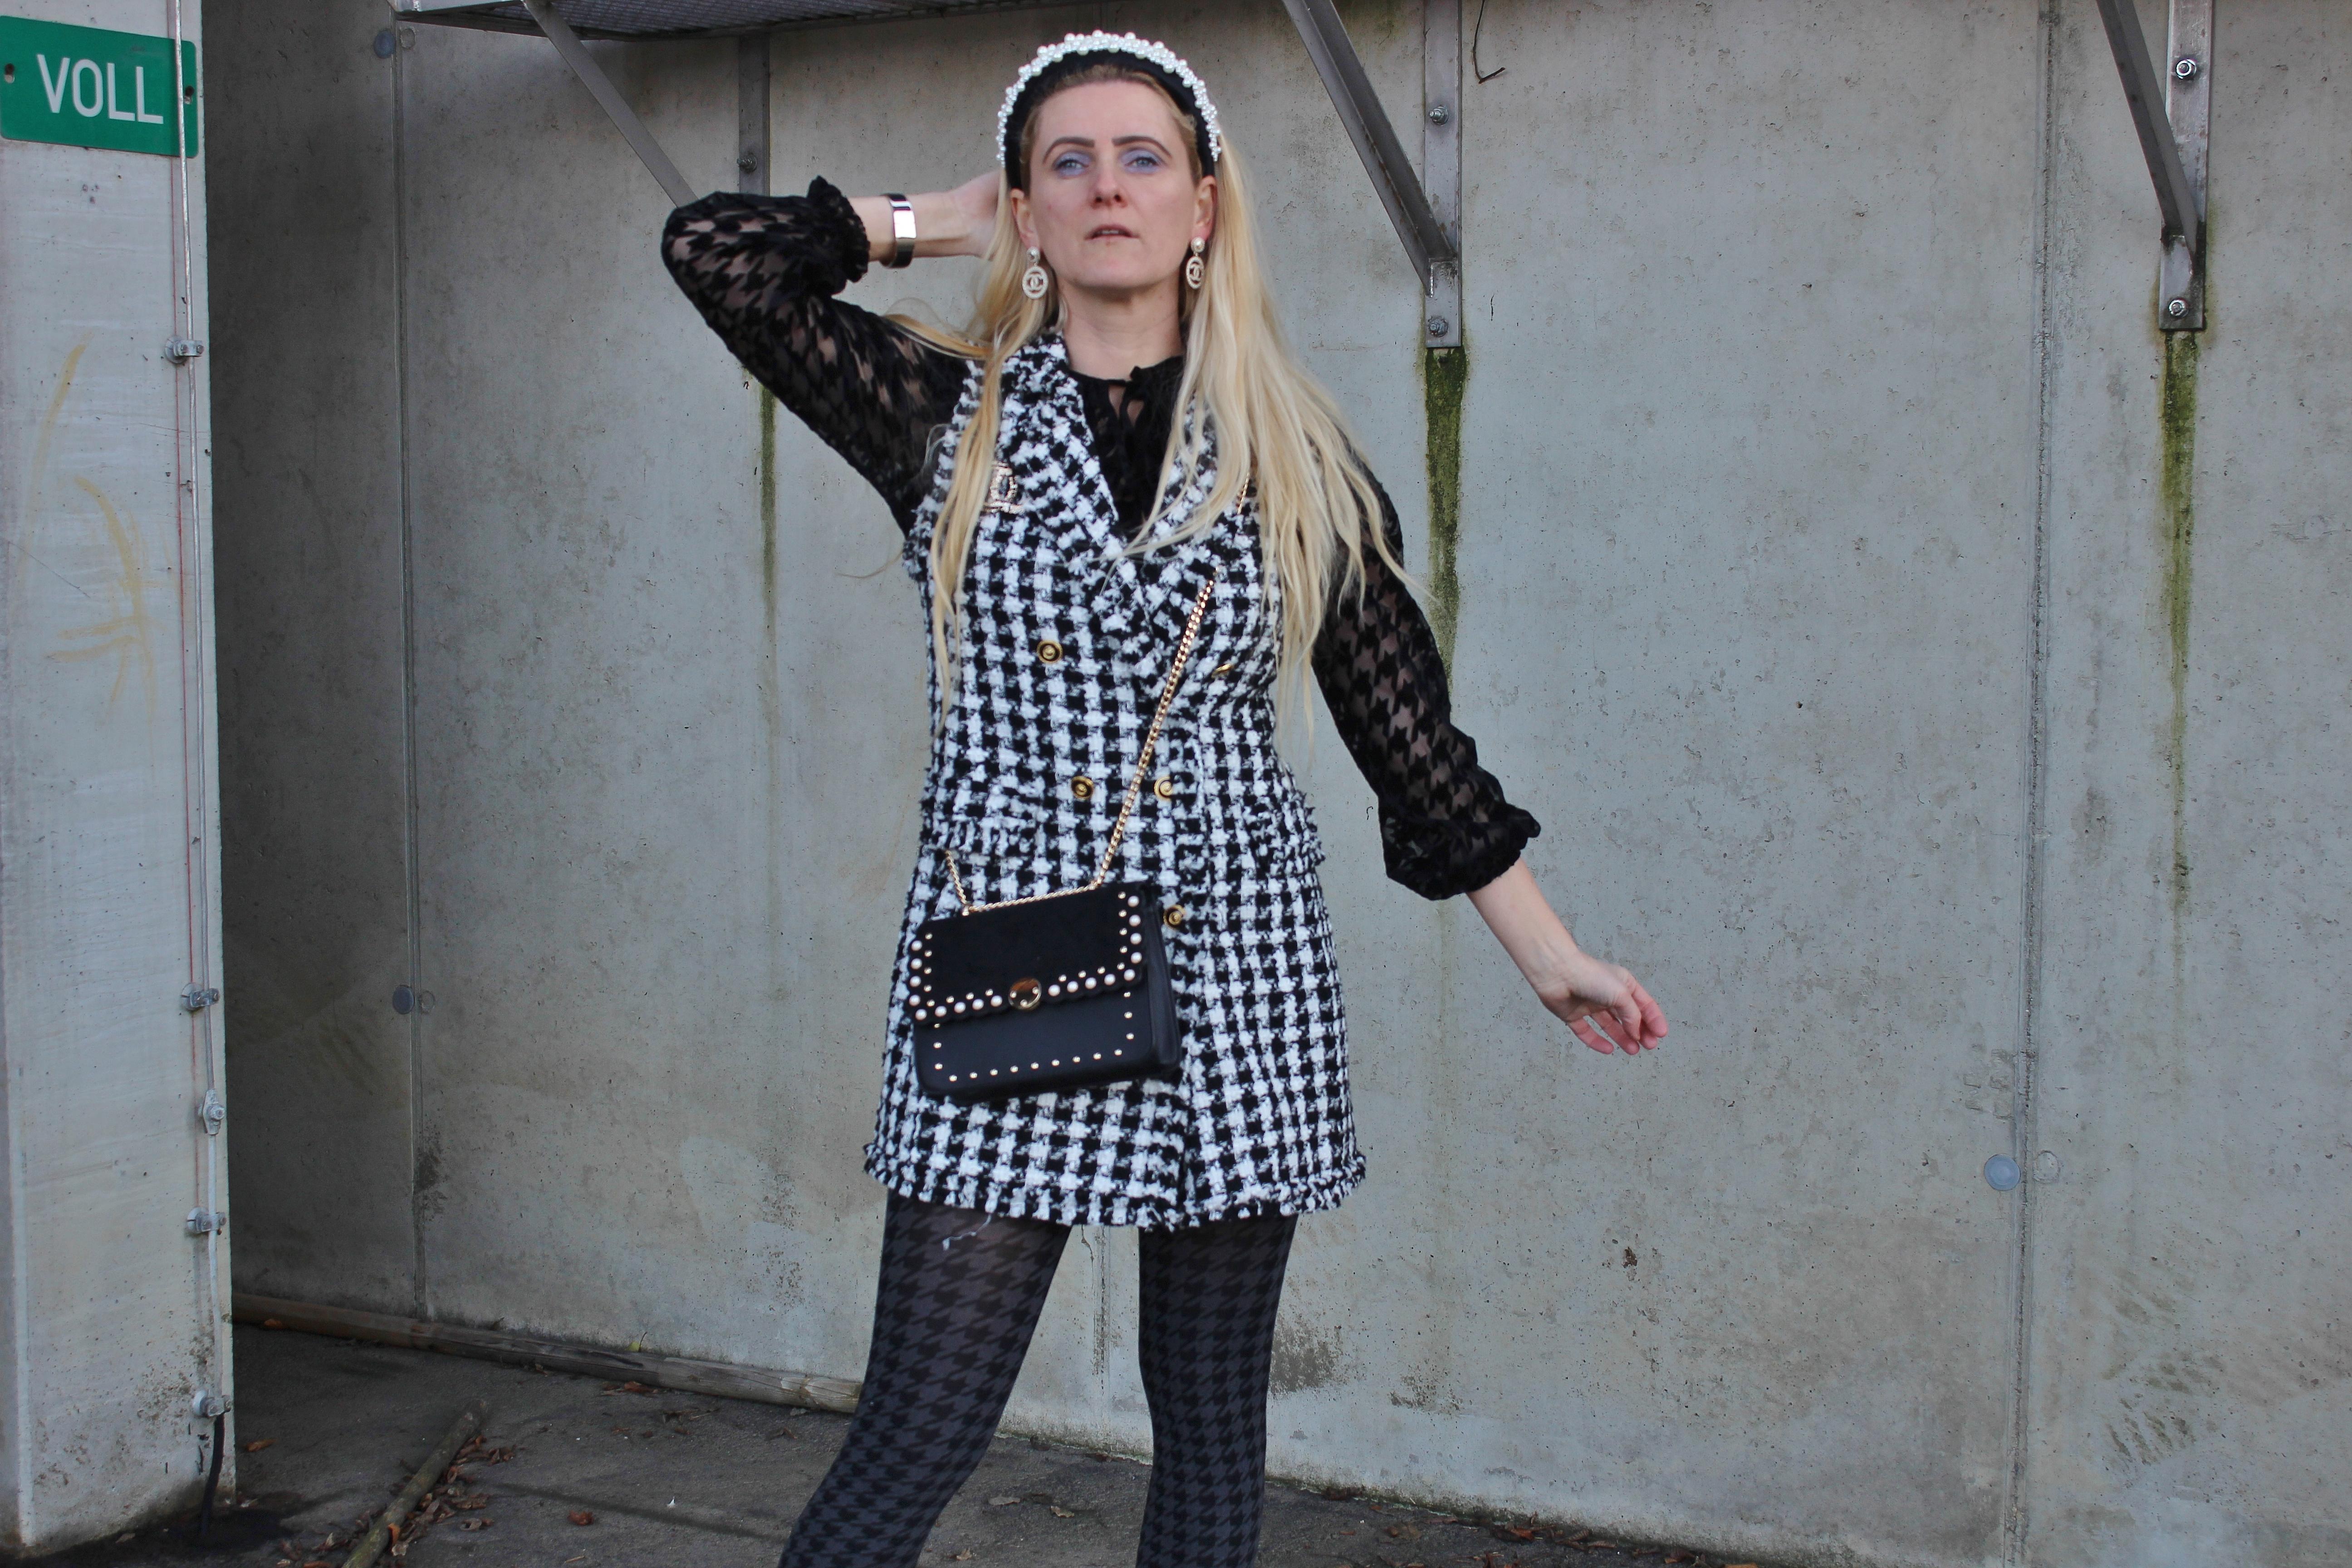 Houndstooth-Hahnentritt-Muster-Pearls-Chanel-Streetstyle-carrieslifstyle-Schwarz-Weiß-Tamara-Prutsch